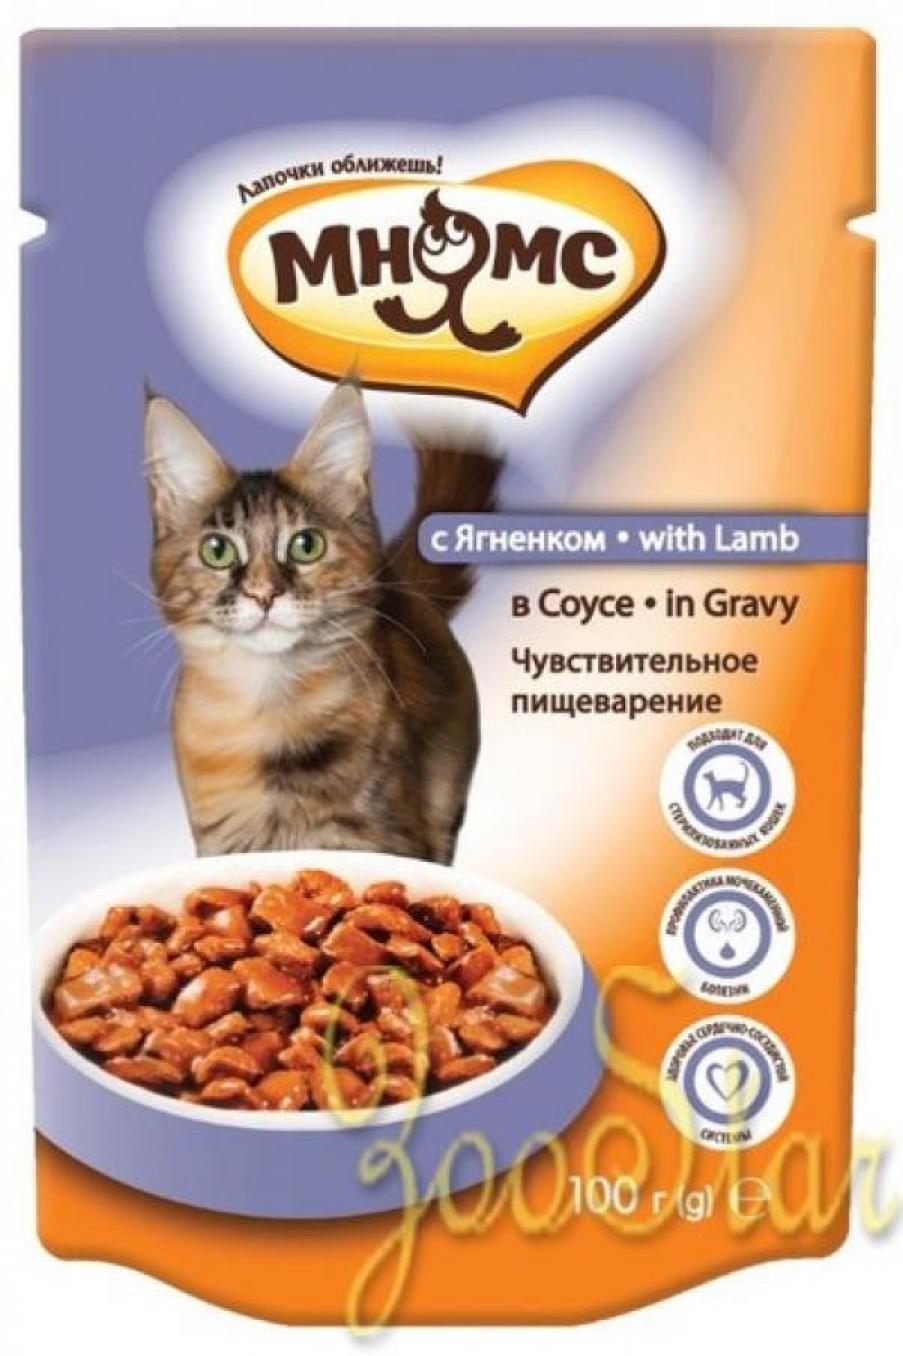 Мнямс влажный корм для кошек всех возрастов и пород, деликатное пищеварение, ягненок 100 гр